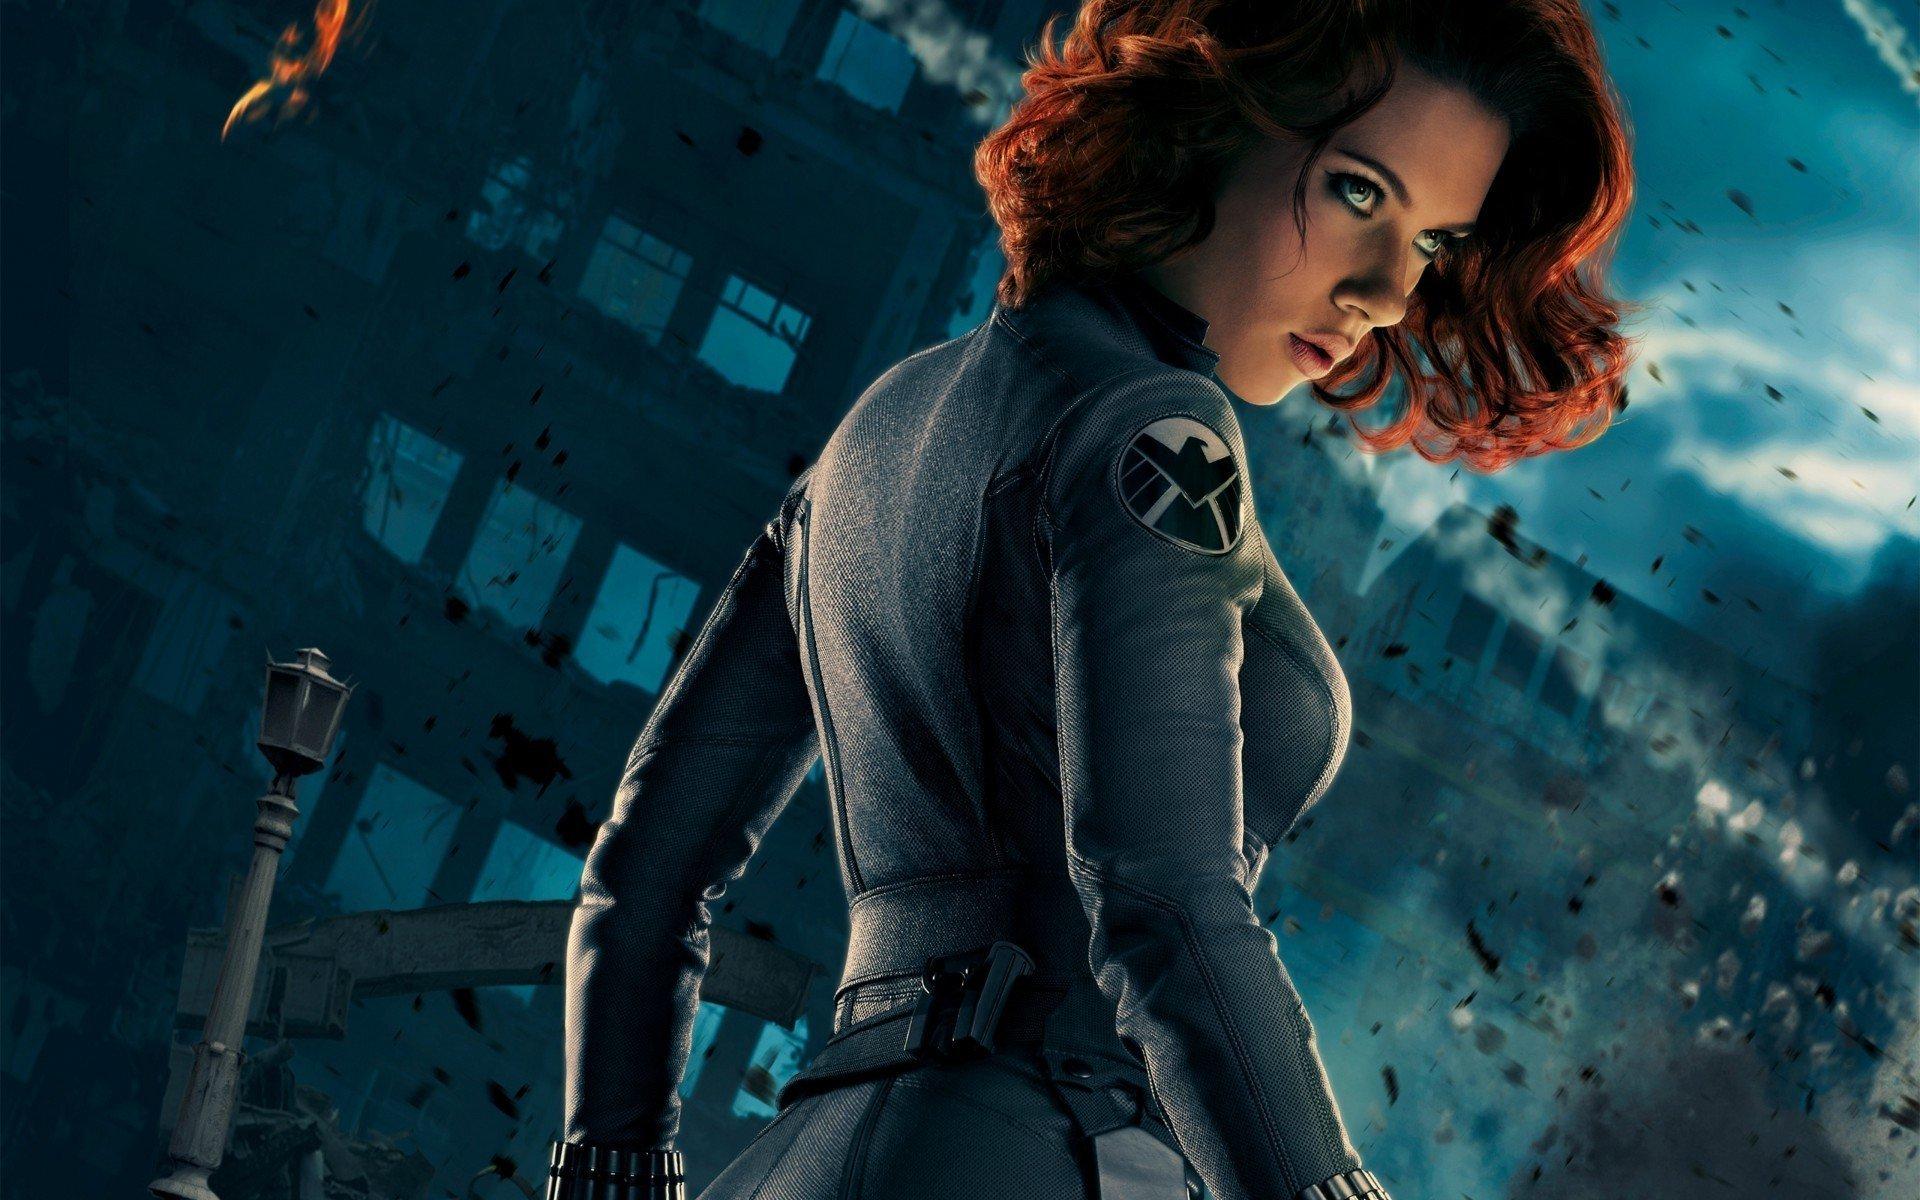 Black Widow   The Avengers Wallpaper 4711 1920x1200